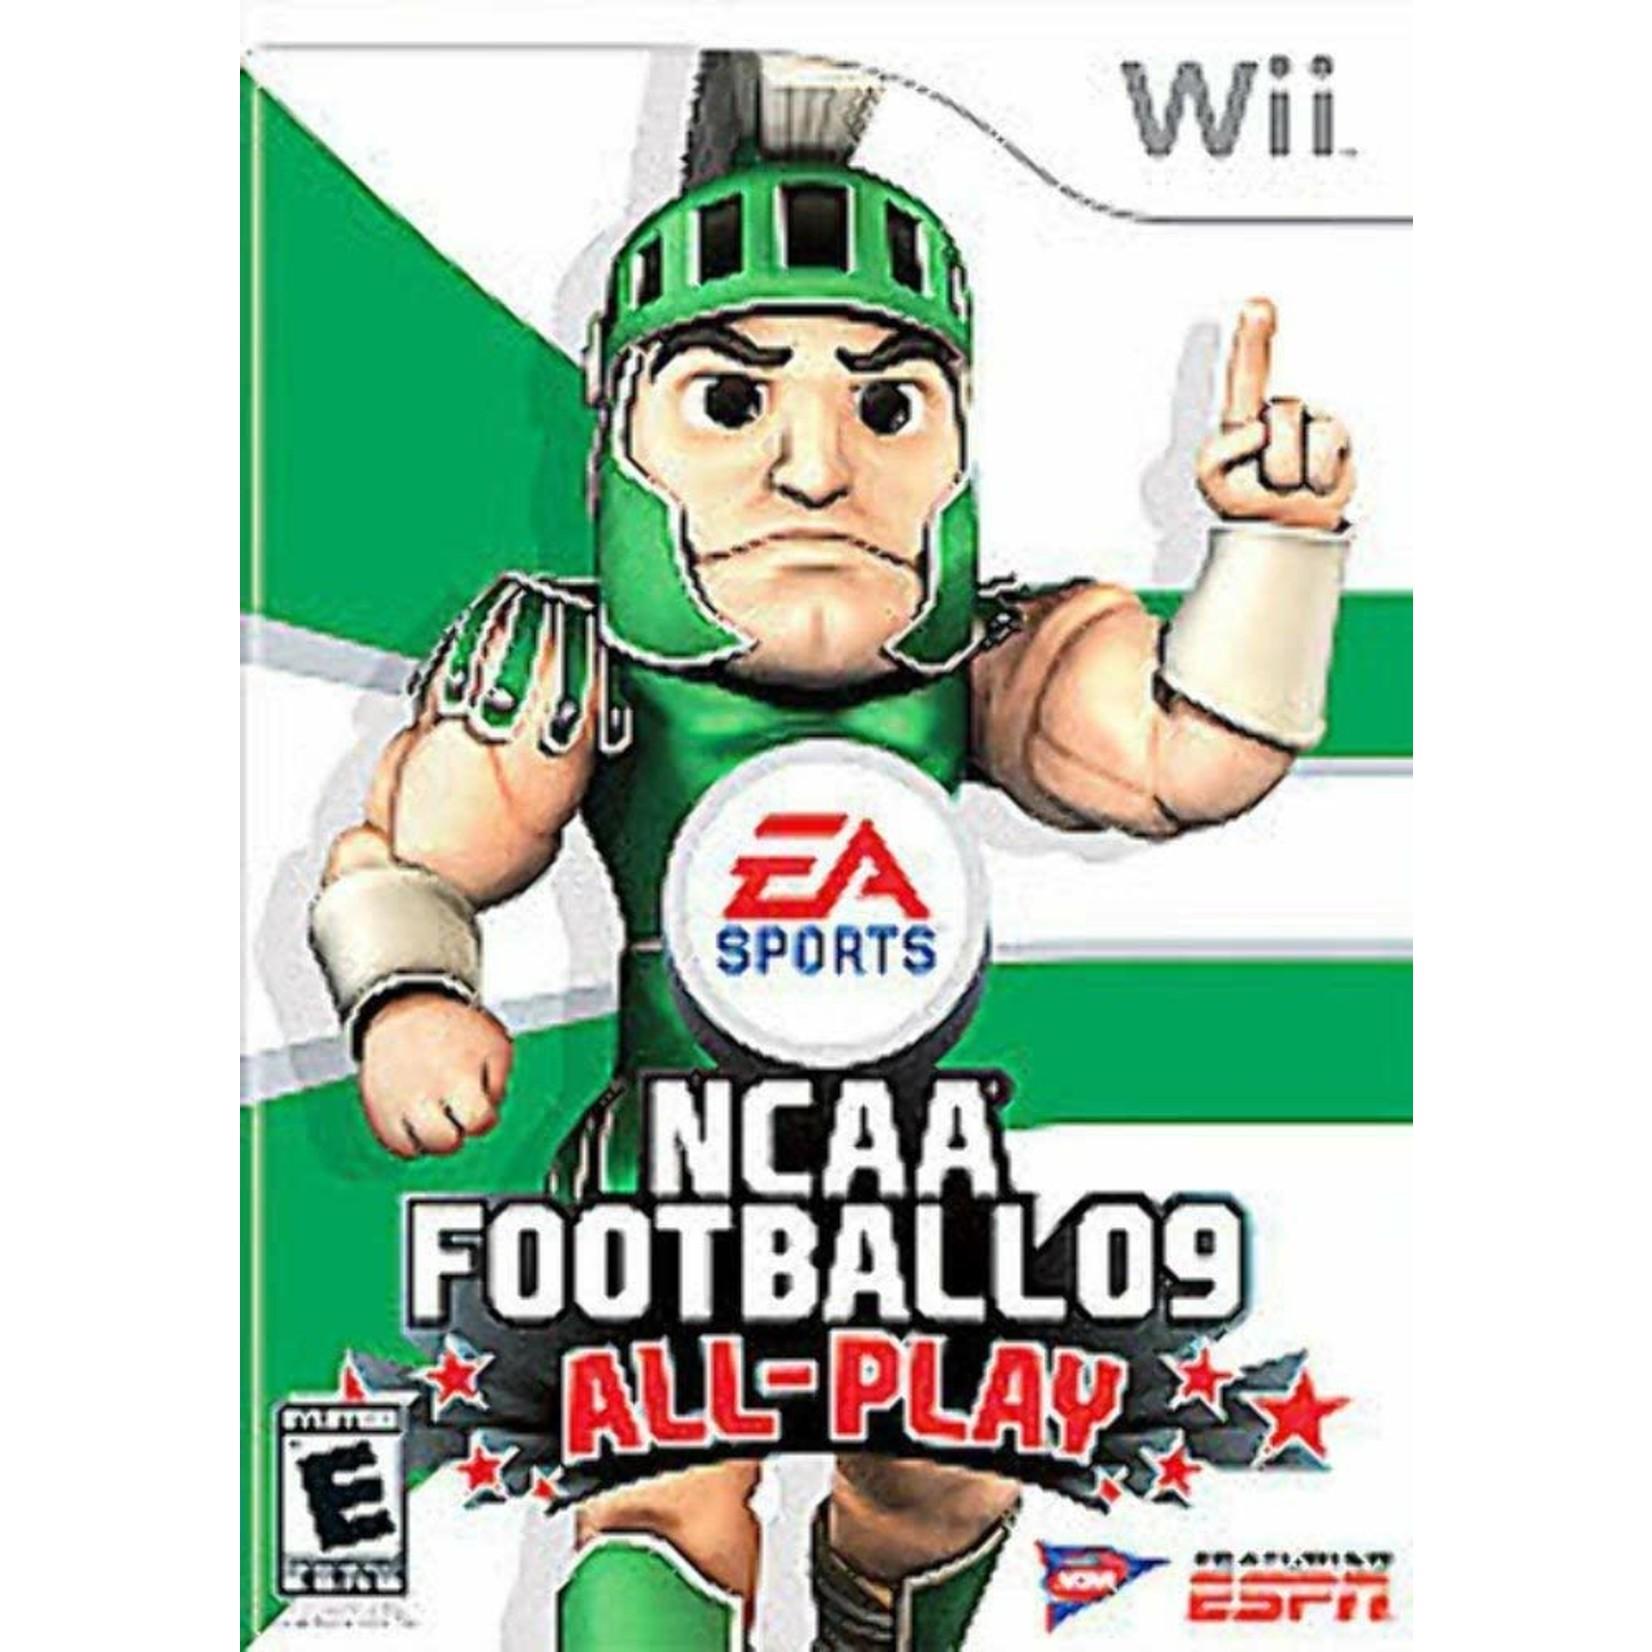 wiiusd-NCAA Football 09 All-Play